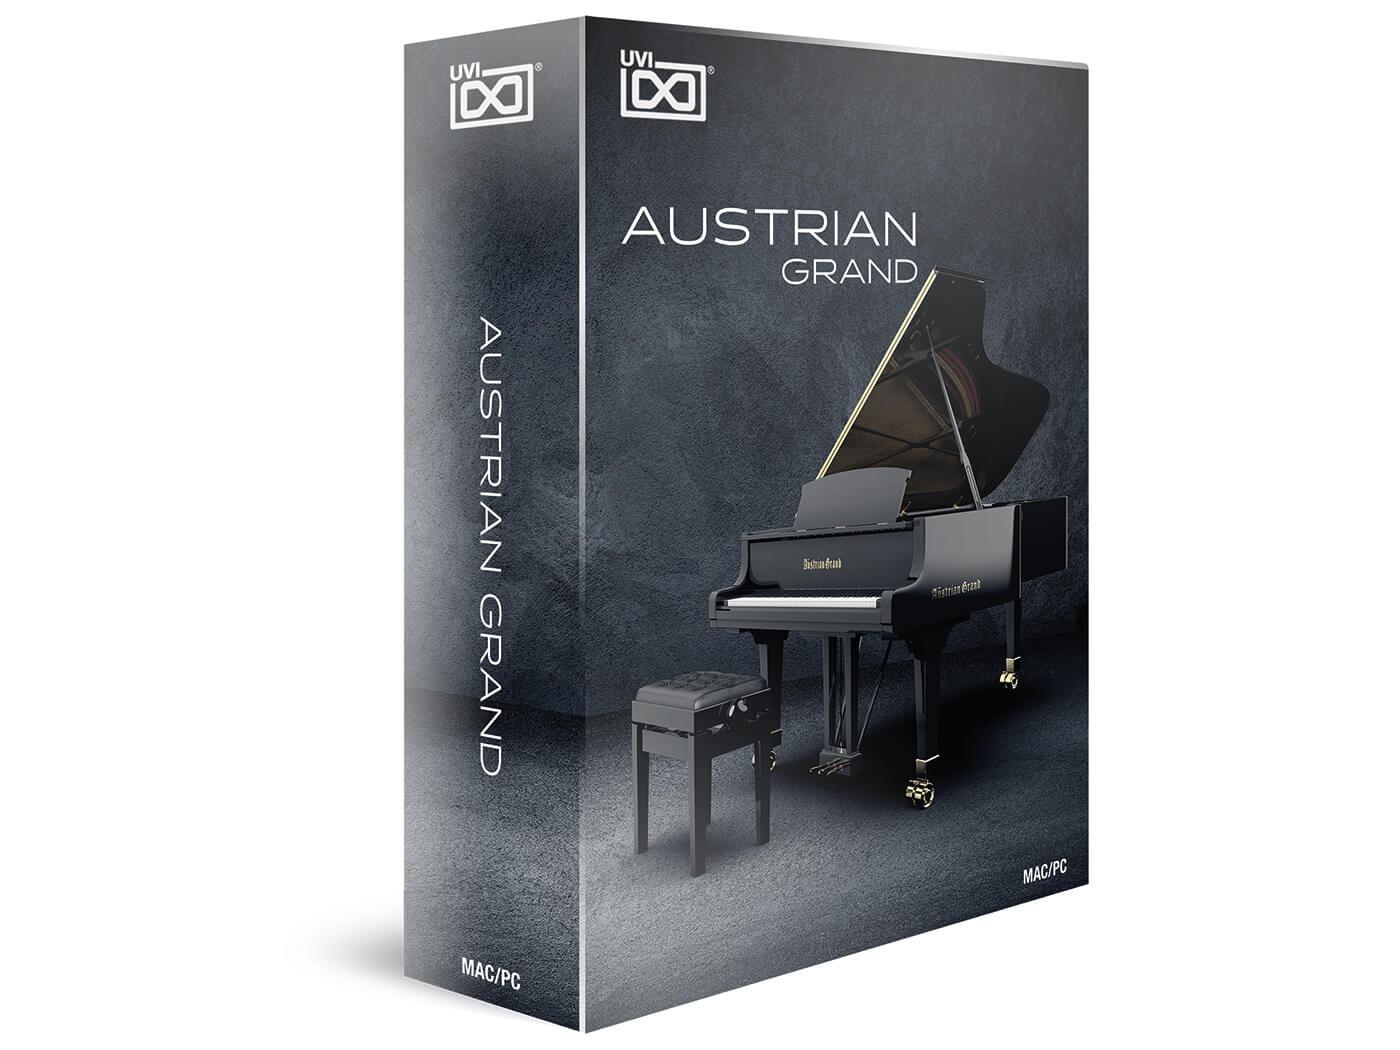 Austrian Grand Box